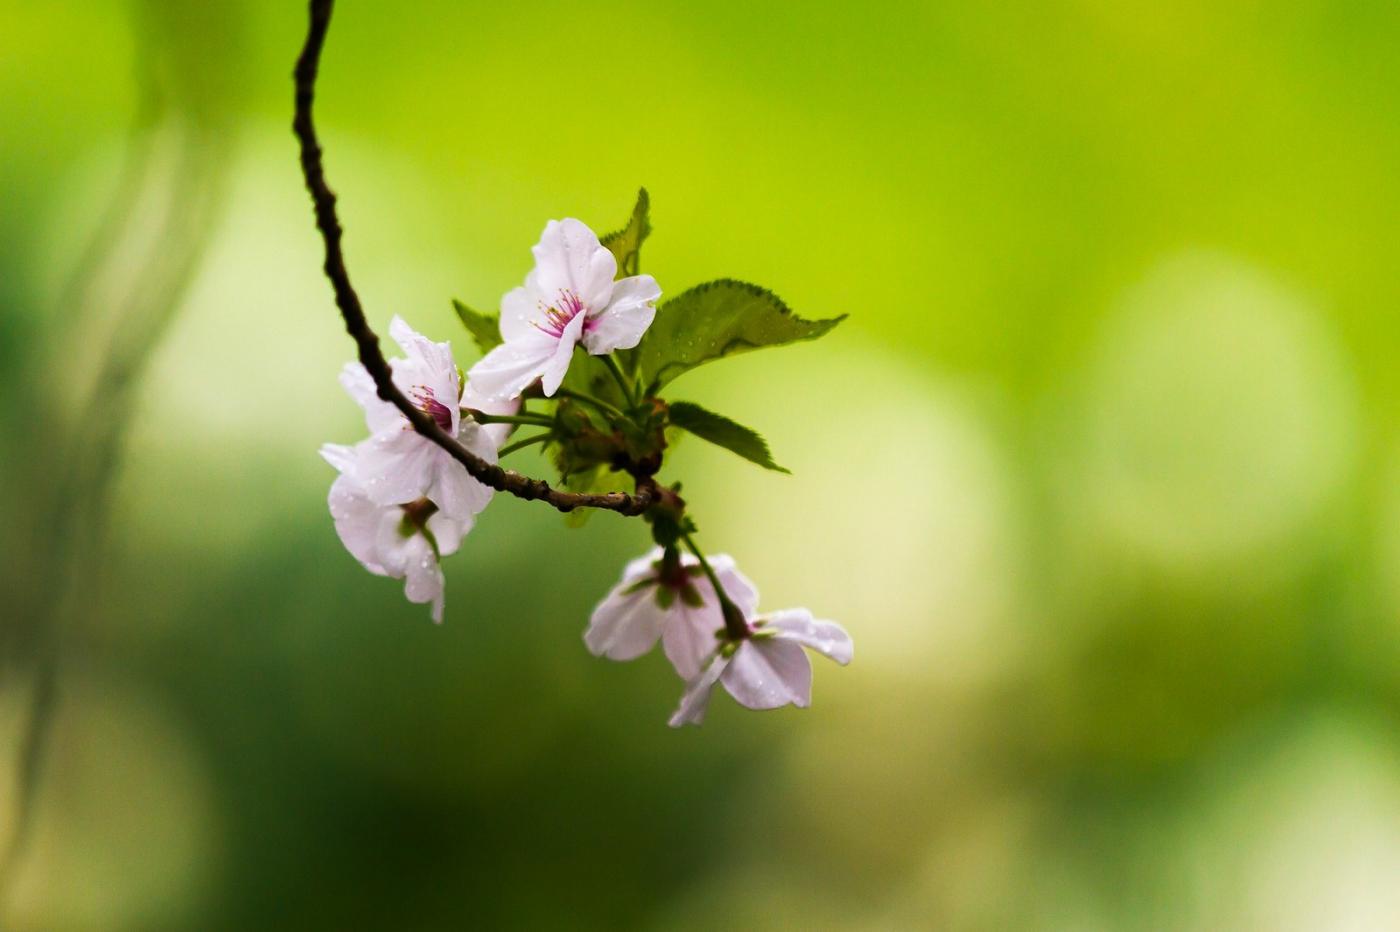 白色李花,粉色芯_圖1-10